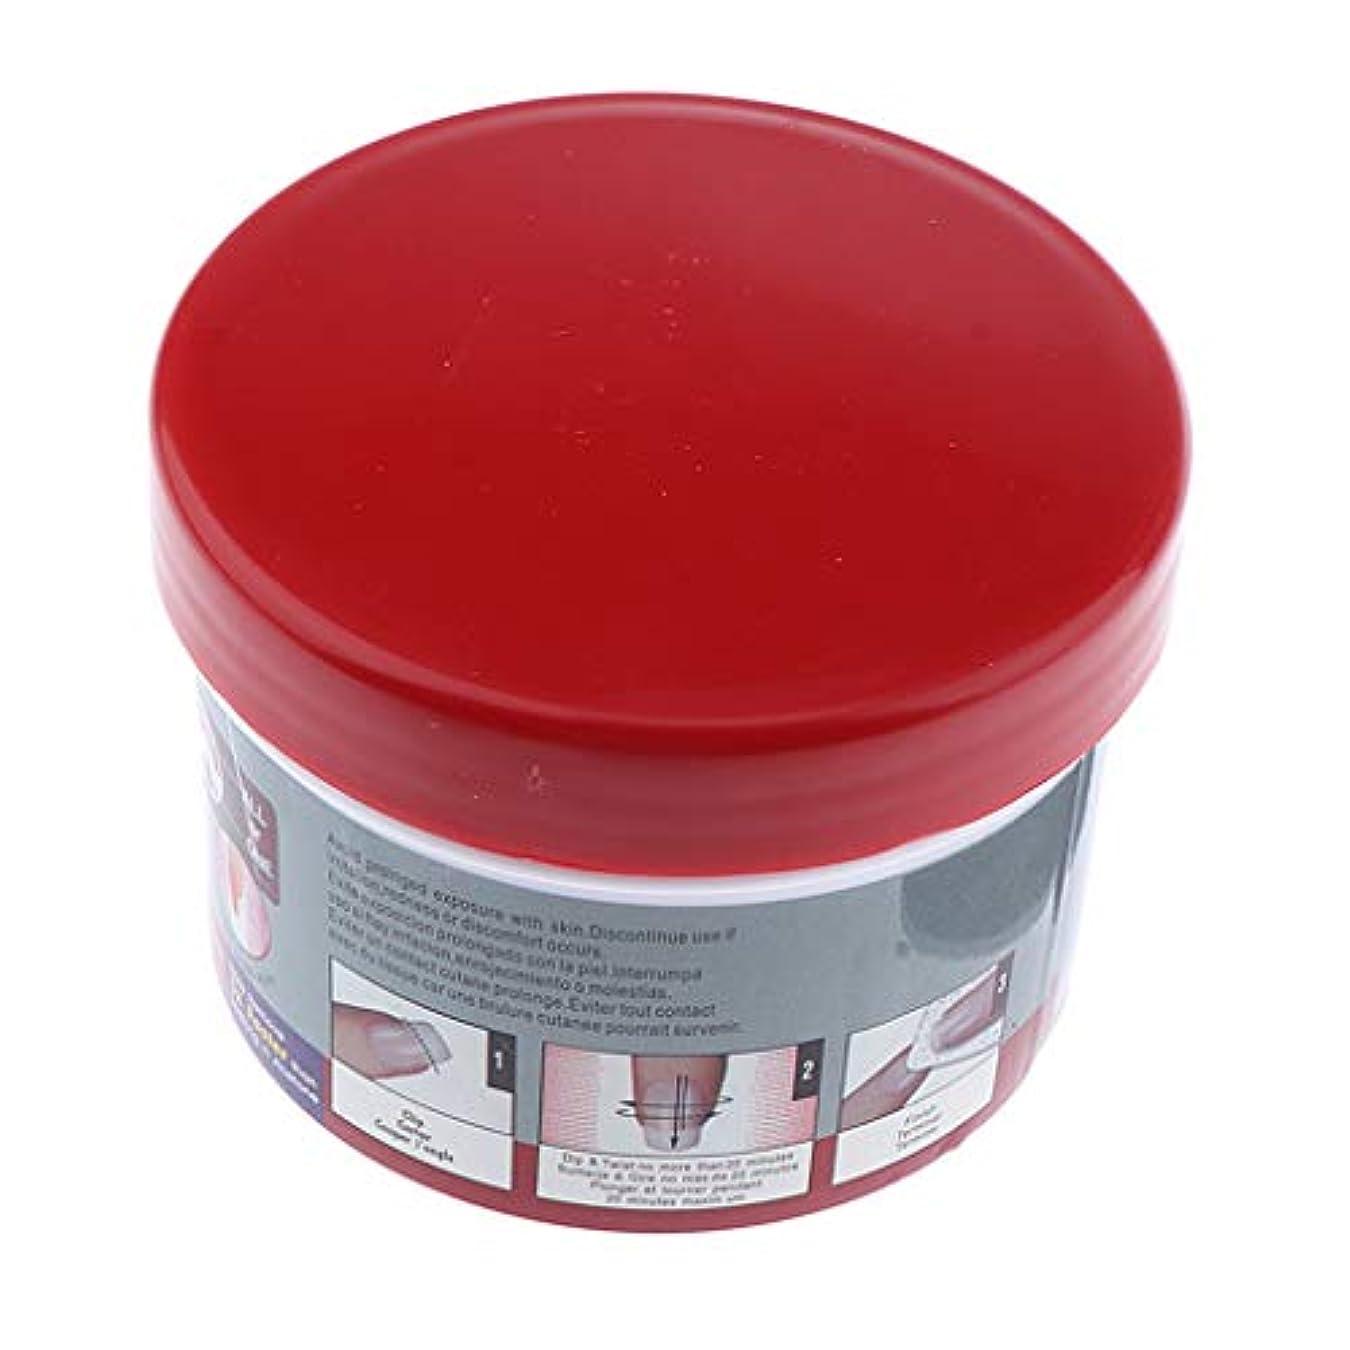 維持達成可能ストレスの多いマニキュア 除去コンテナツール ネイルアート 耐久性 UVゲル